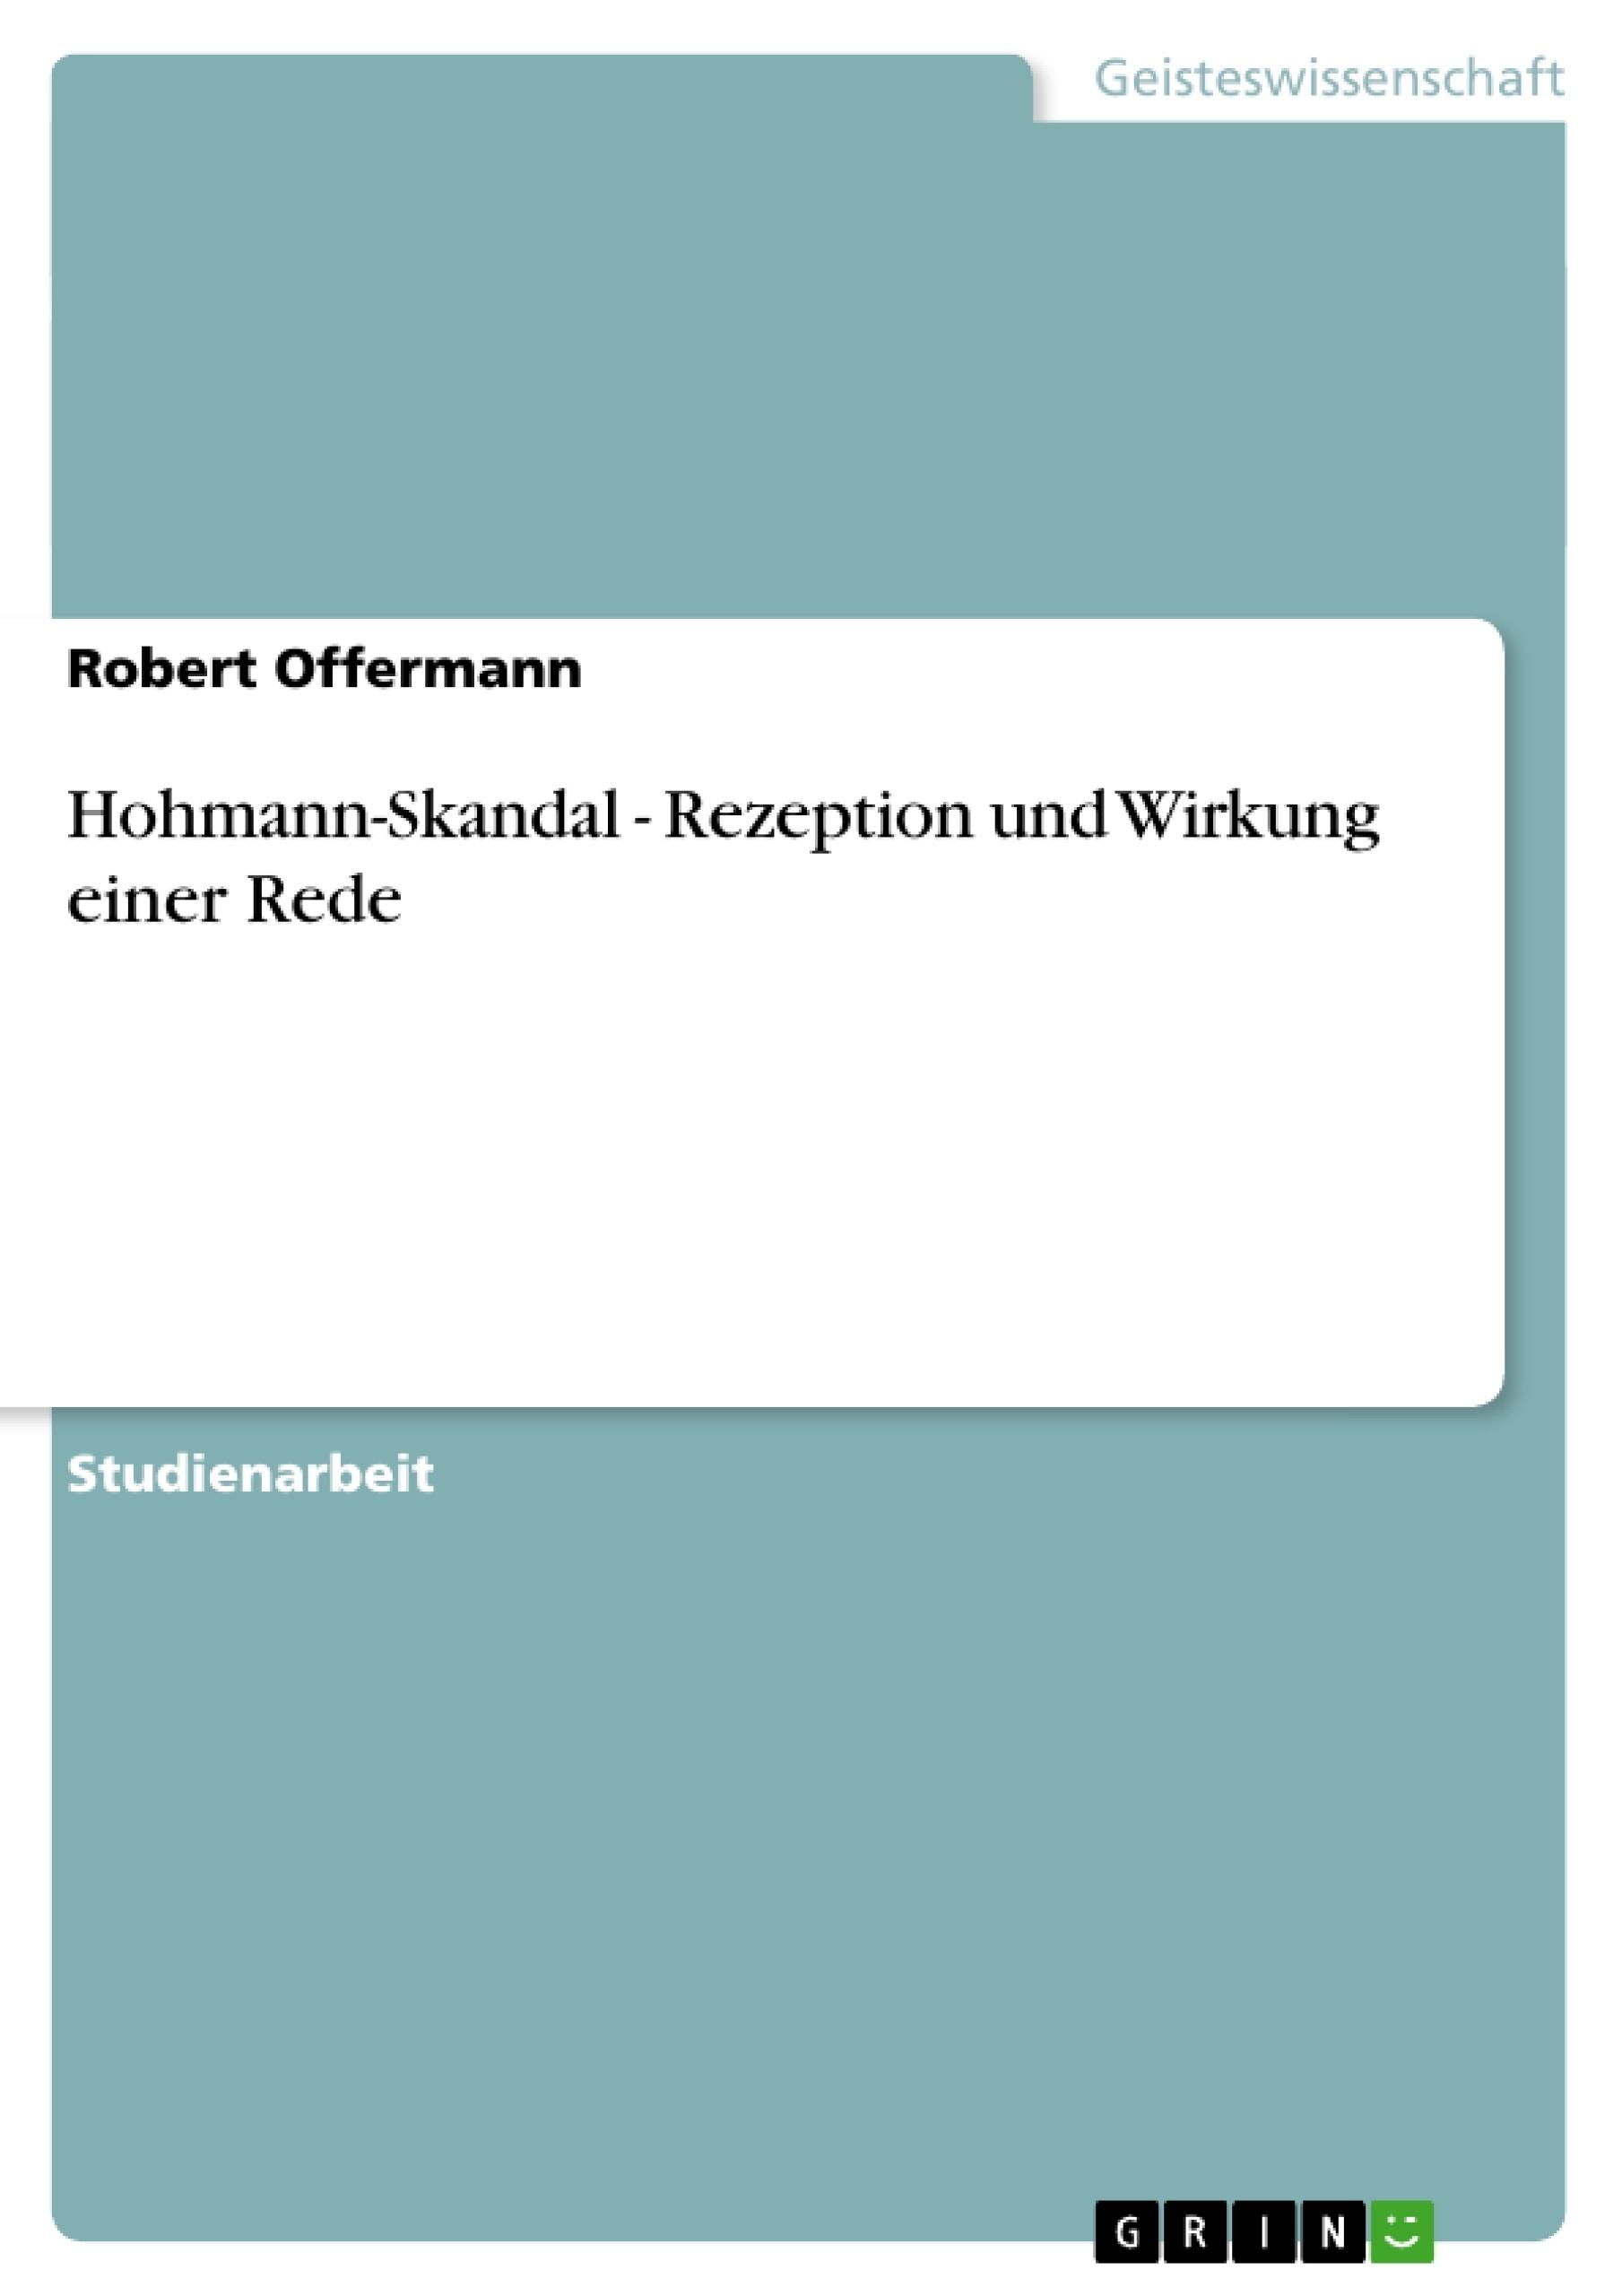 Titel: Hohmann-Skandal - Rezeption und Wirkung einer Rede